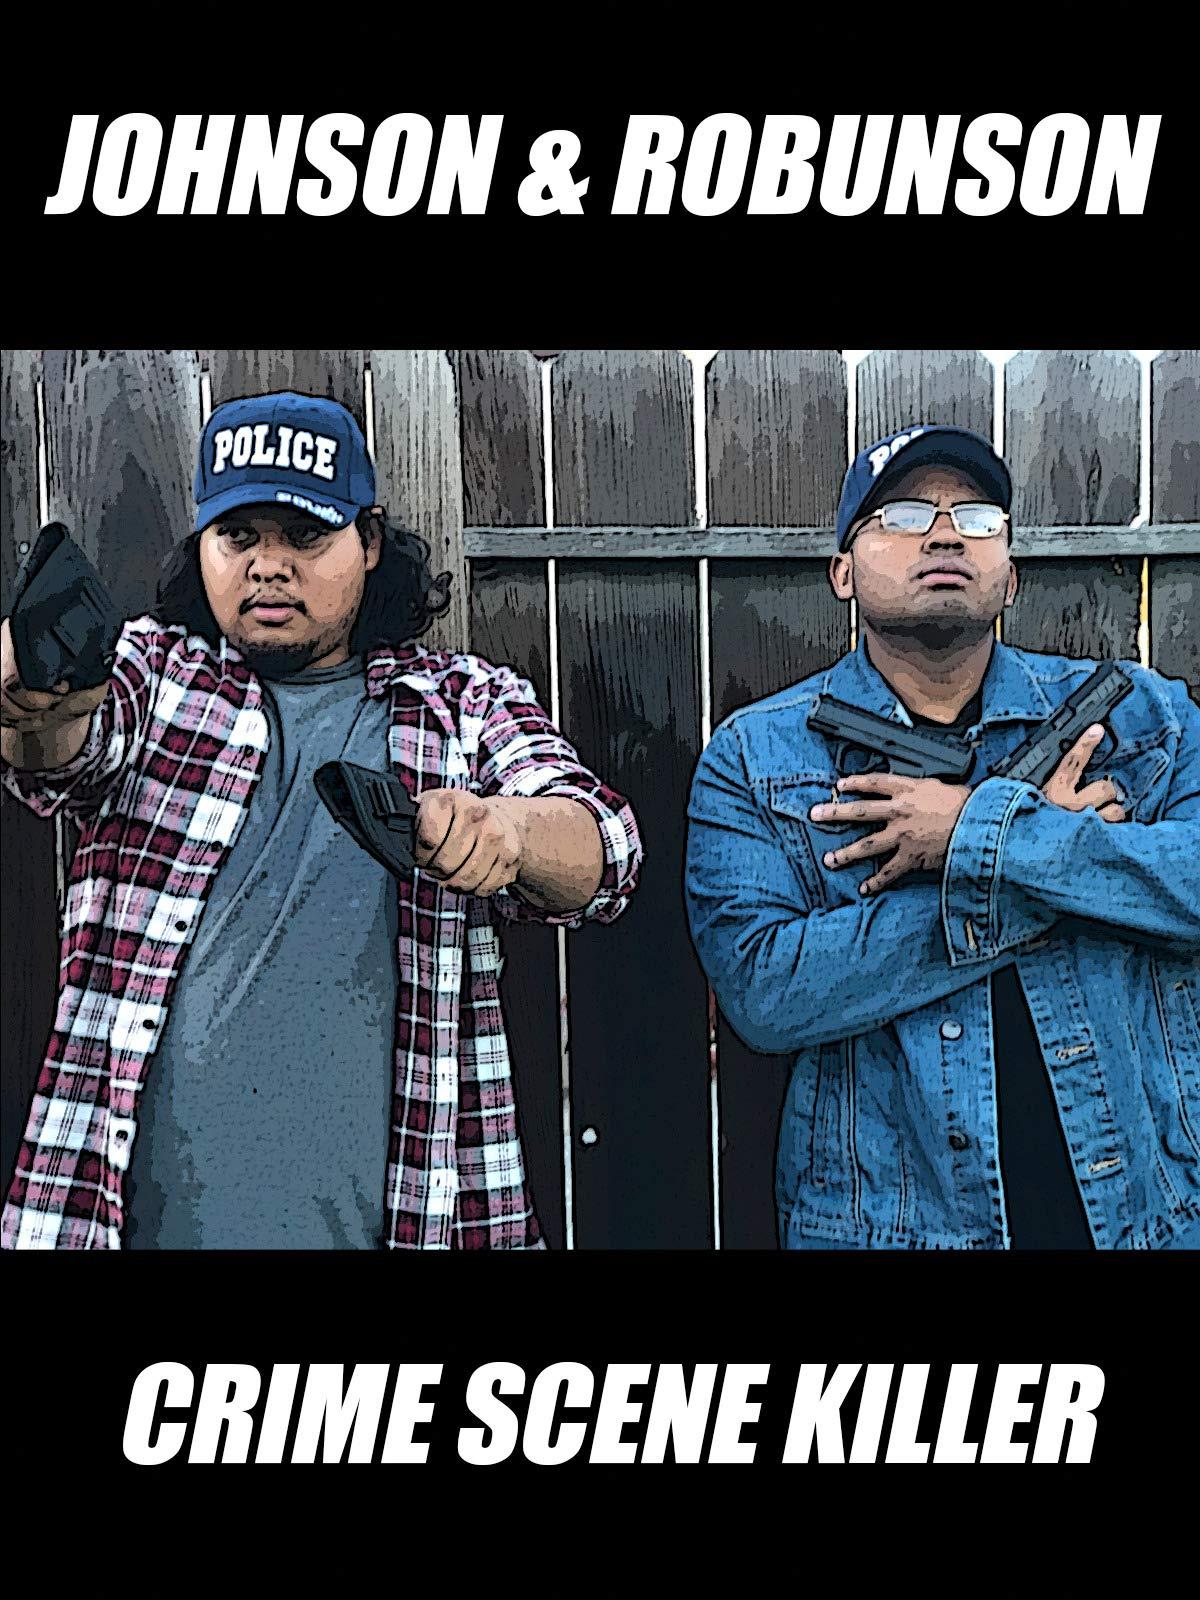 Johnson & Robunson - Crime Scene Killer